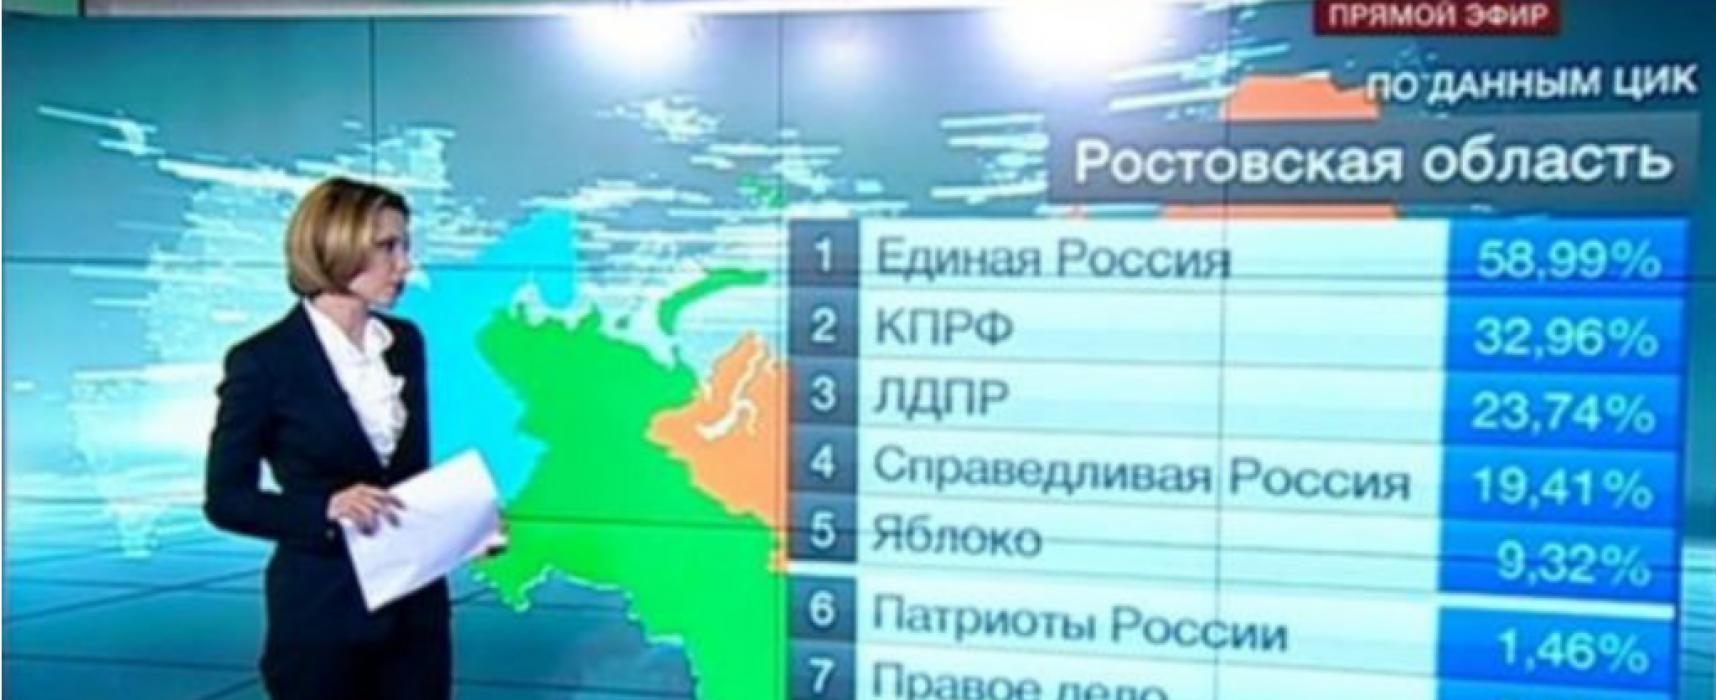 Wie man in Russland ein 146%iges Wahlergebnis erhält